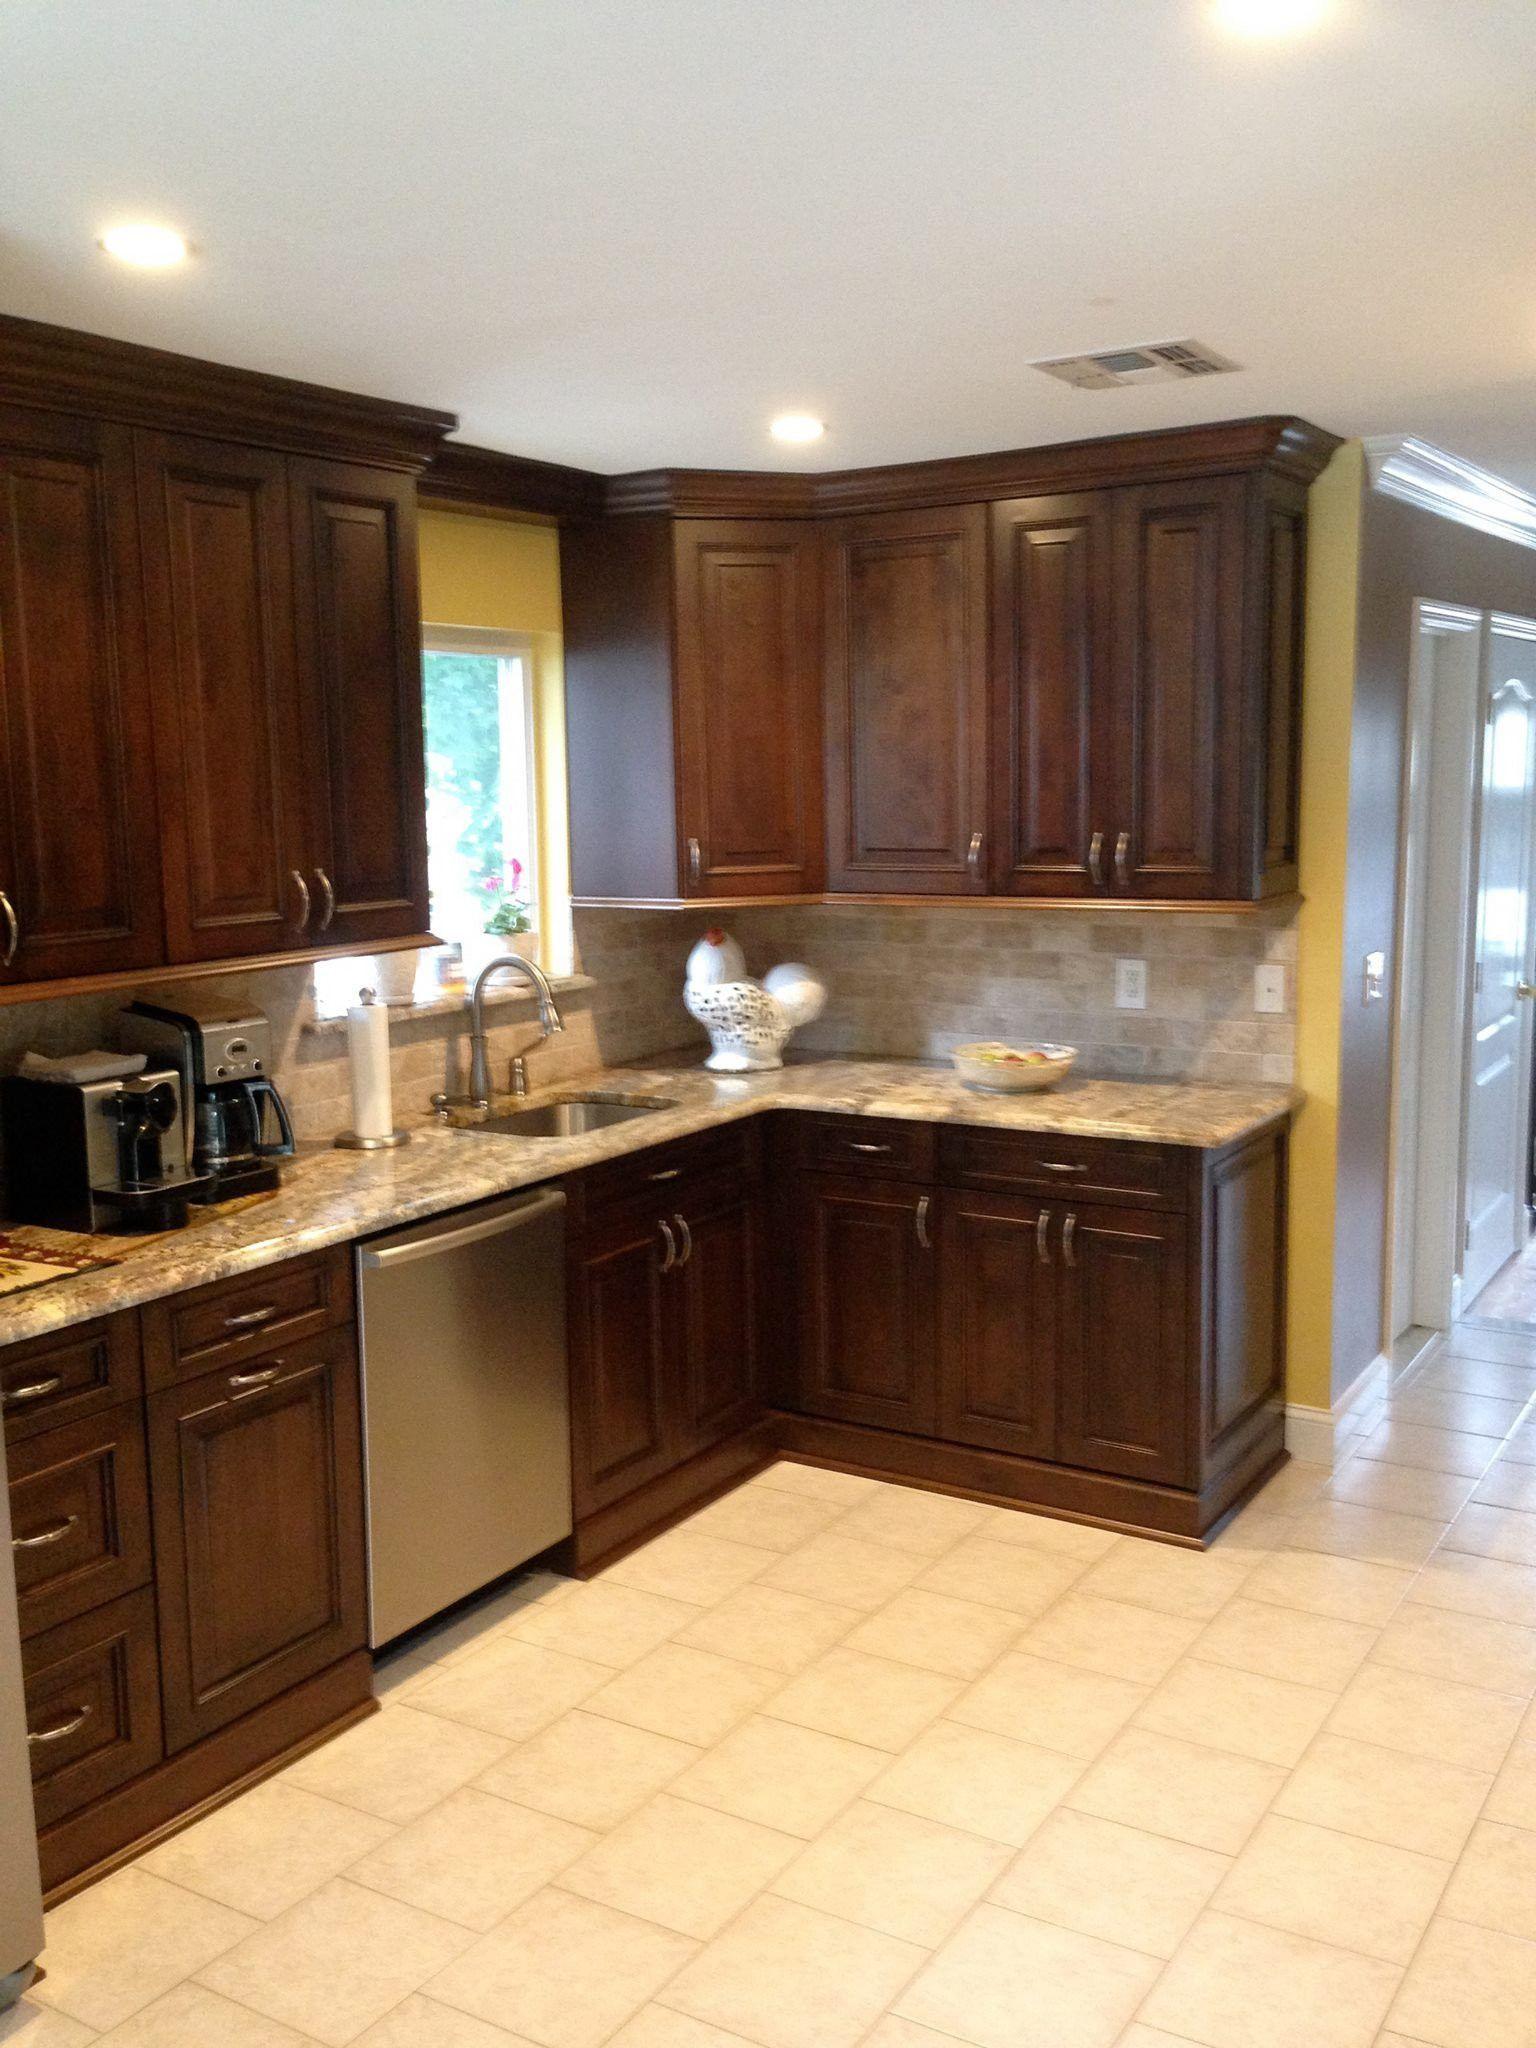 staten island kitchen cabinet artistic color decor also ...